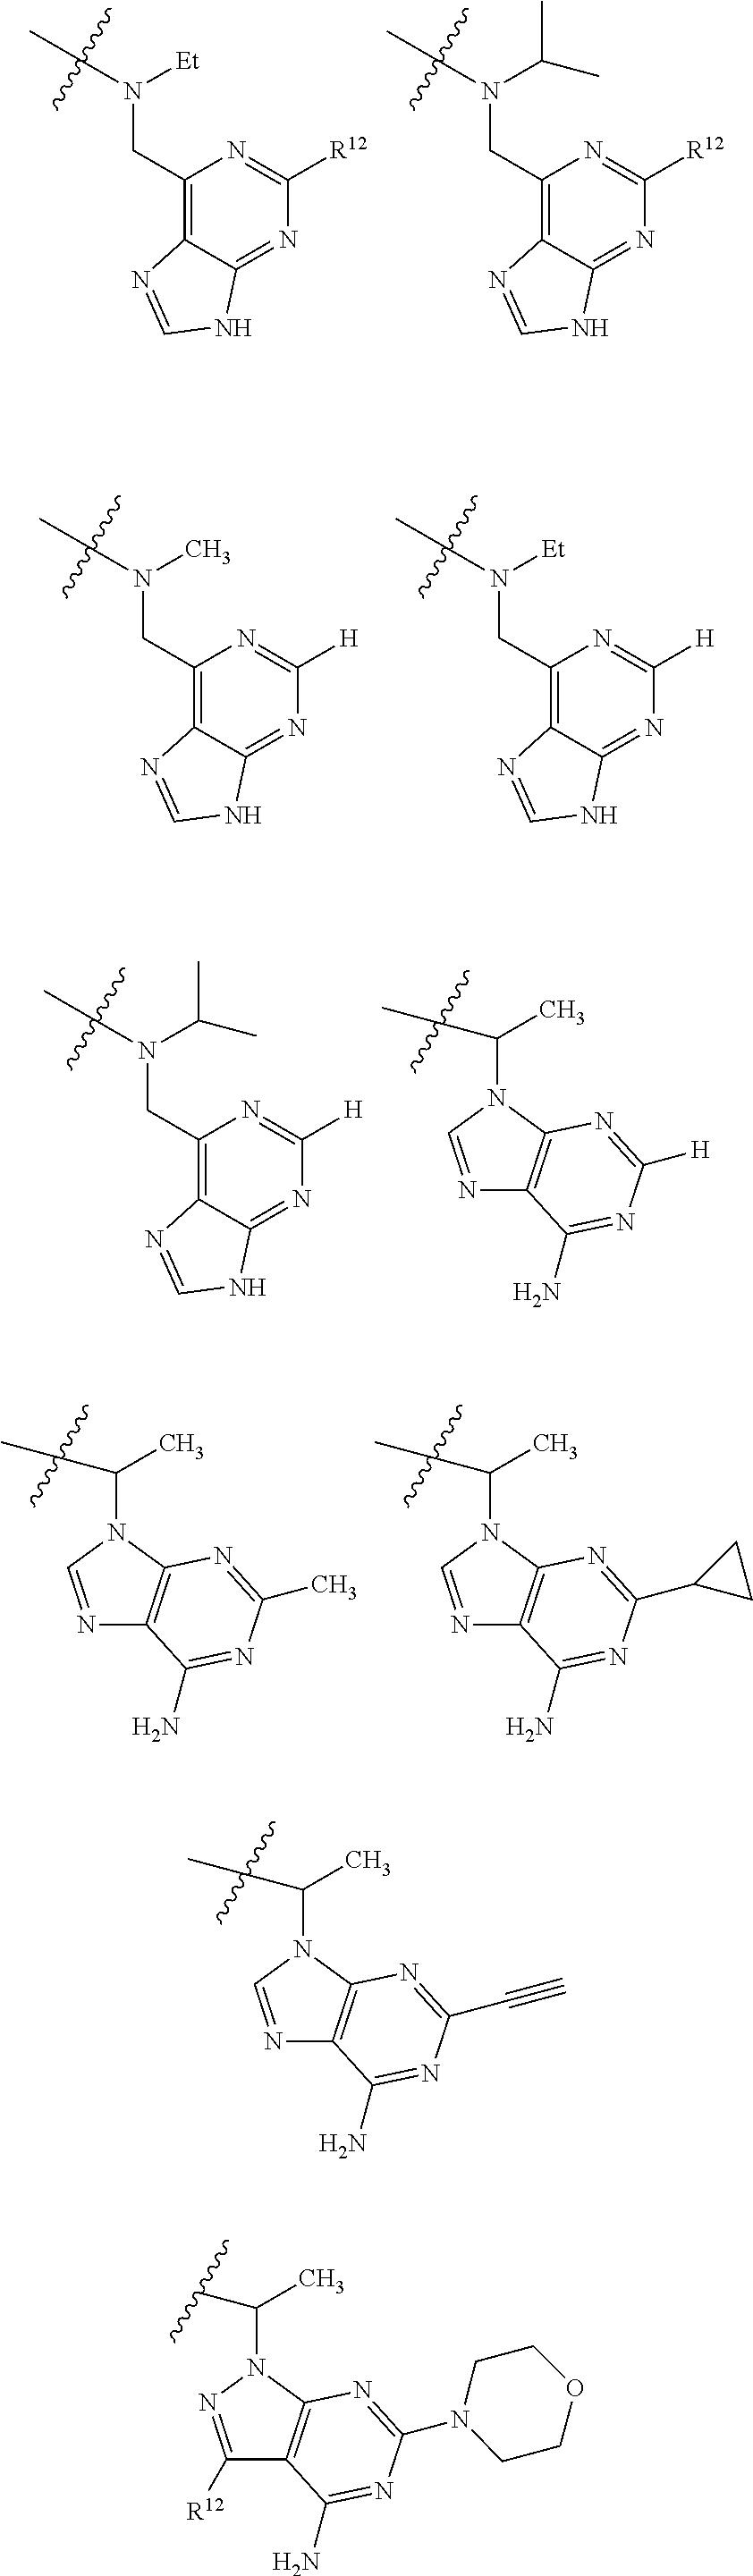 Figure US09216982-20151222-C00043